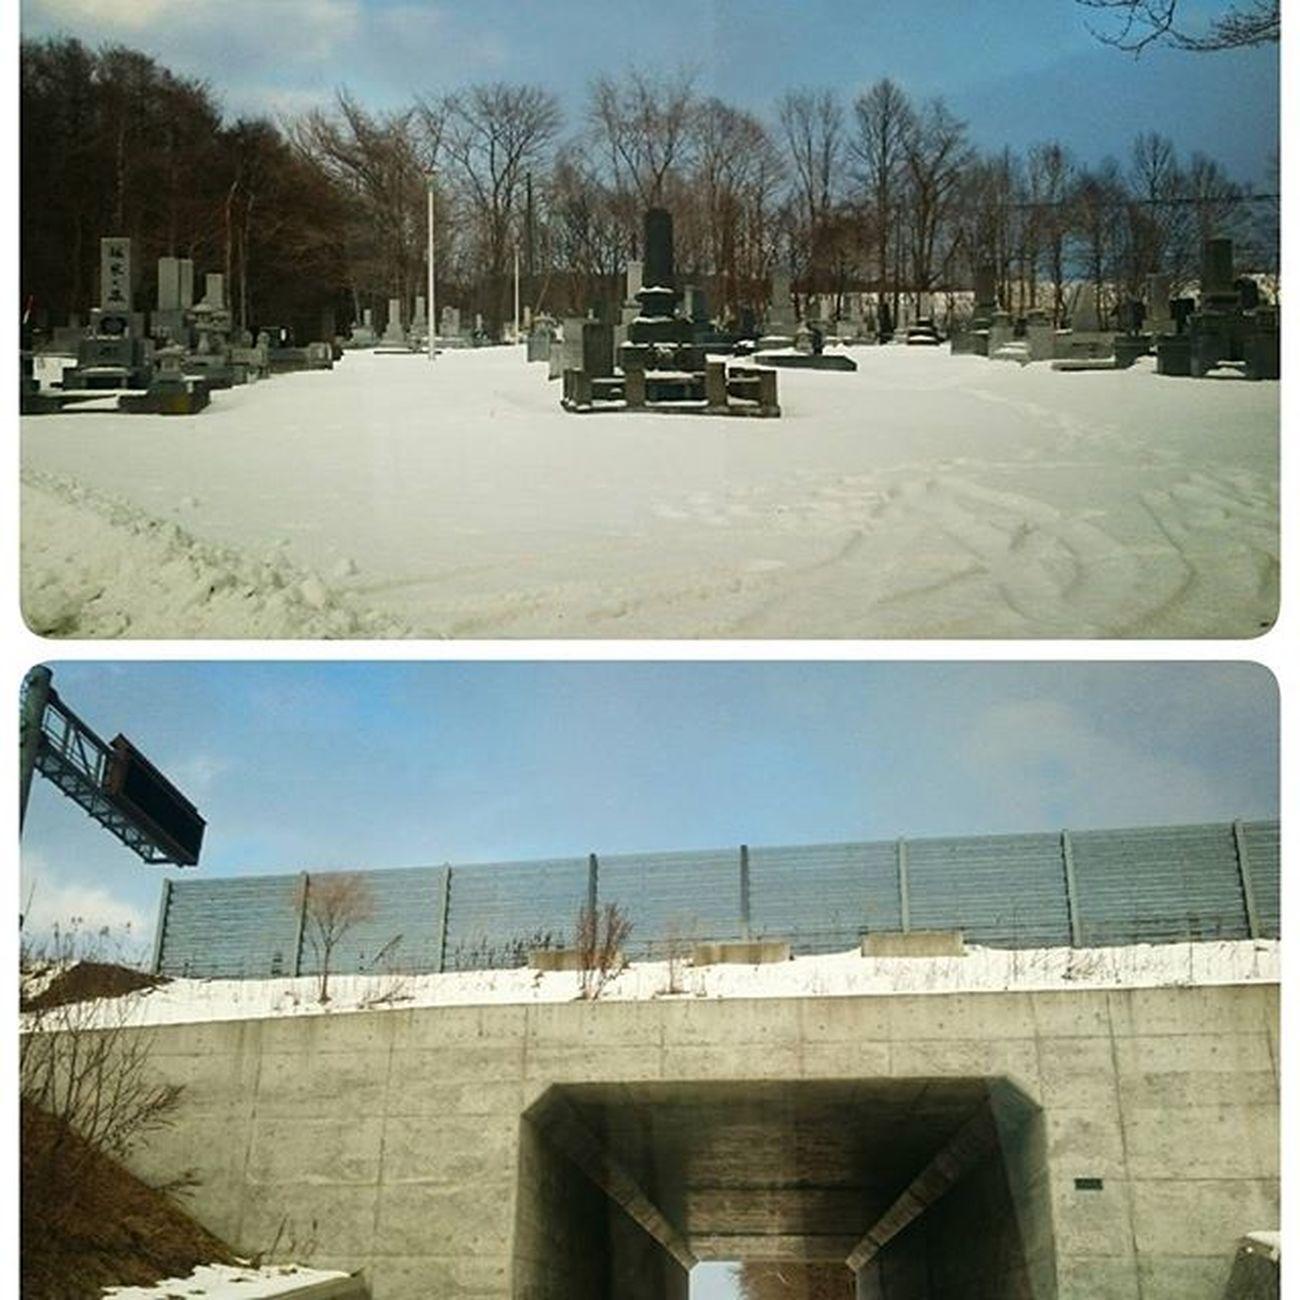 なおphoto 近道 お兄ちゃんをバイトに 送った帰り道 トンネルを抜けると そこは墓地だった Σ(|||▽||| )ガーン笑